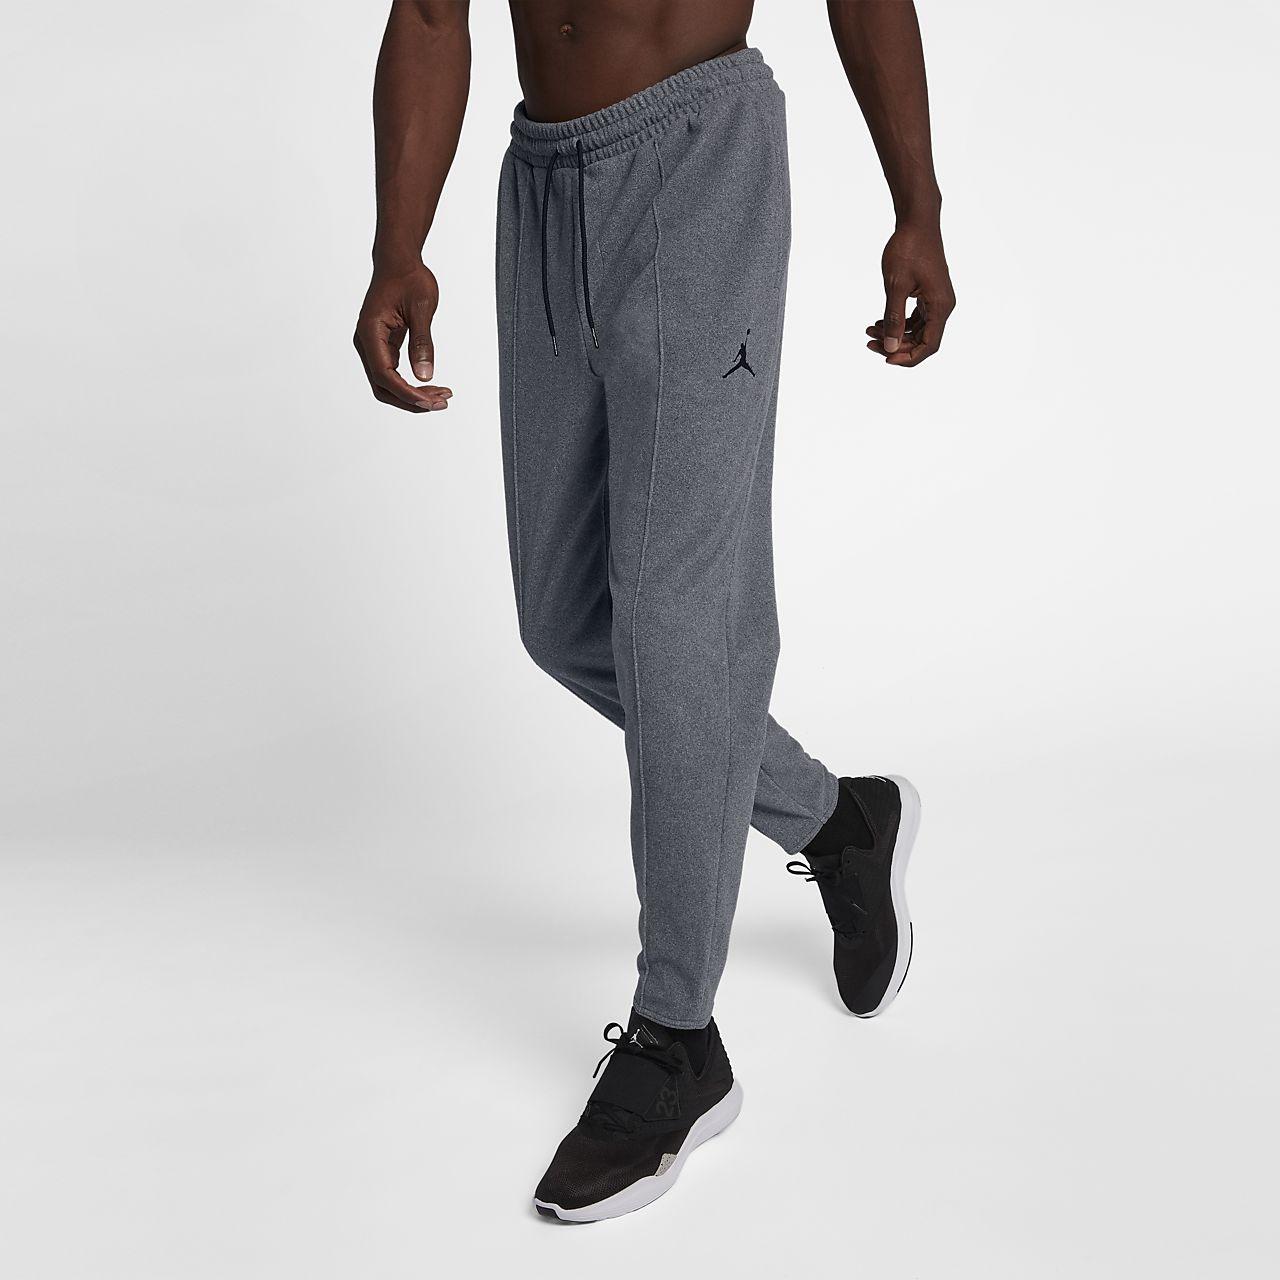 Pantaloni da training Jordan Therma 23 Alpha - Uomo